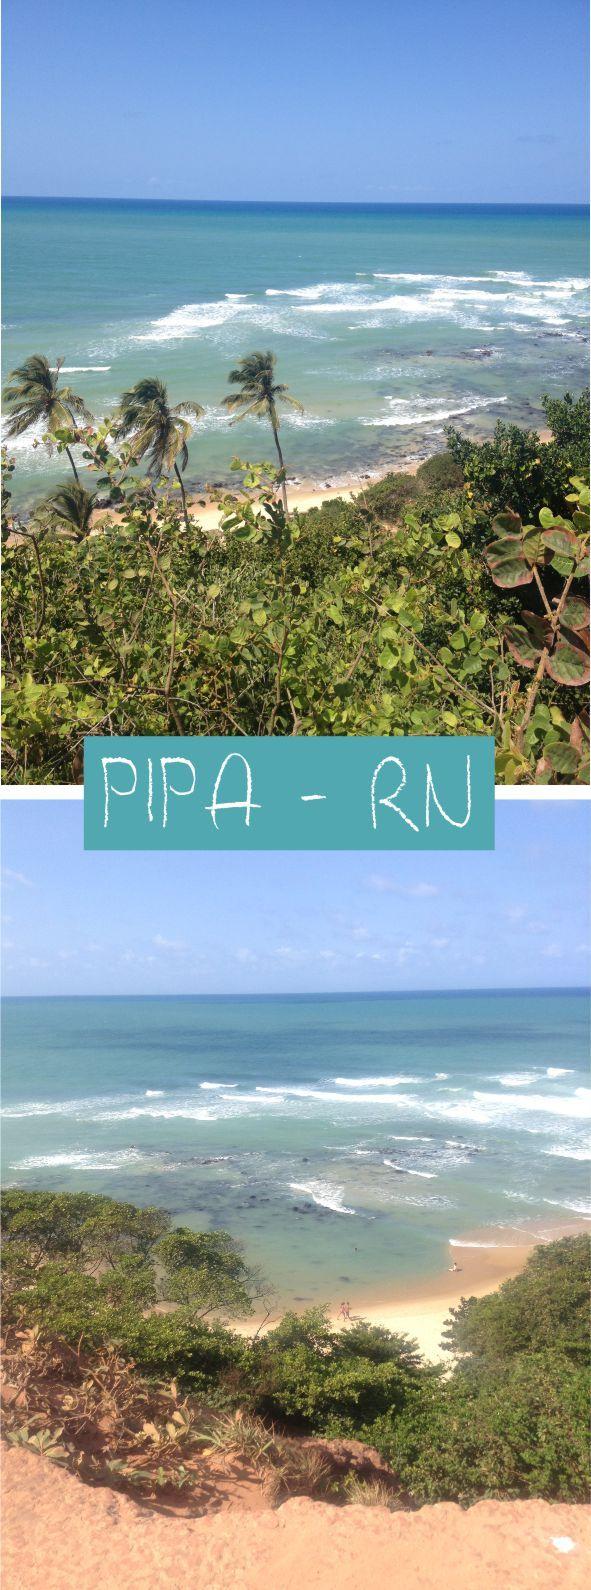 Um pouquinho de Pipa, no Rio Grande do Norte #pipa #praia #beach #brasil #brazil